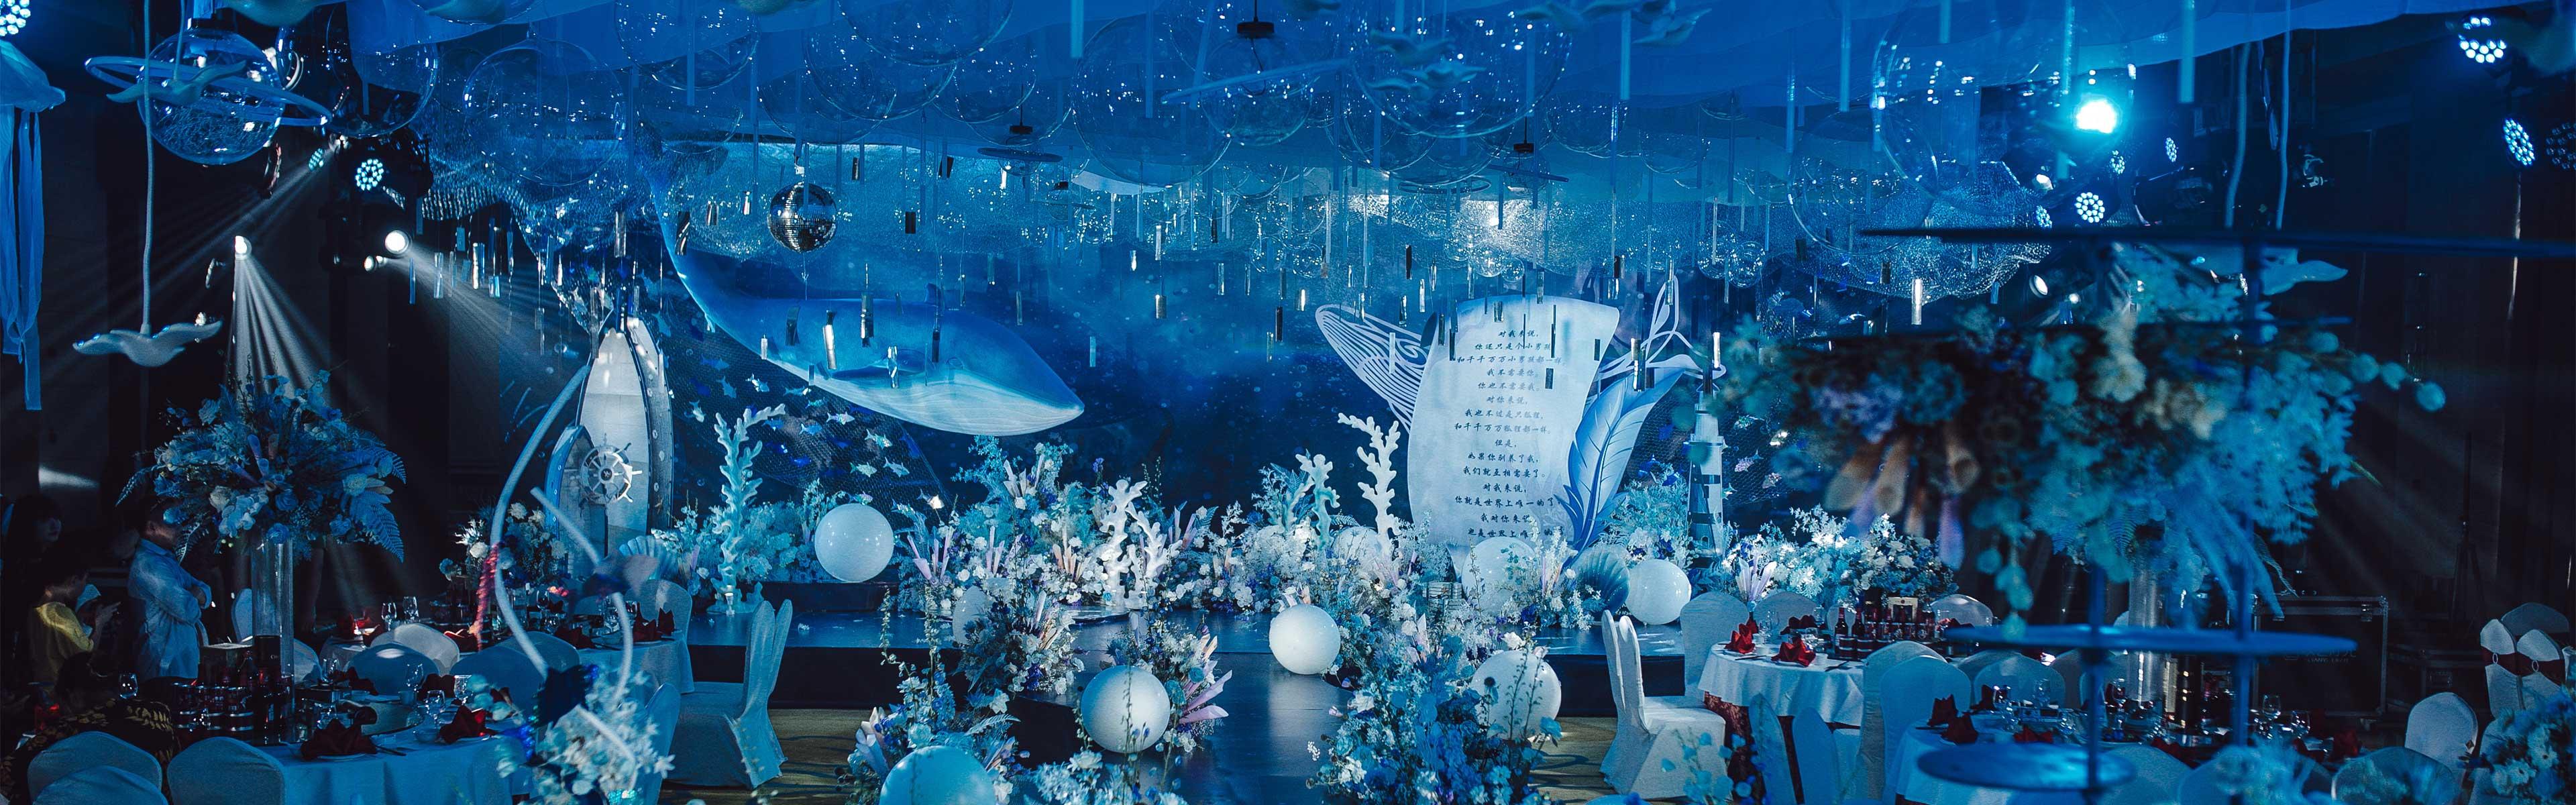 济源婚庆策划案例:鲸与海 | 湖南 长沙